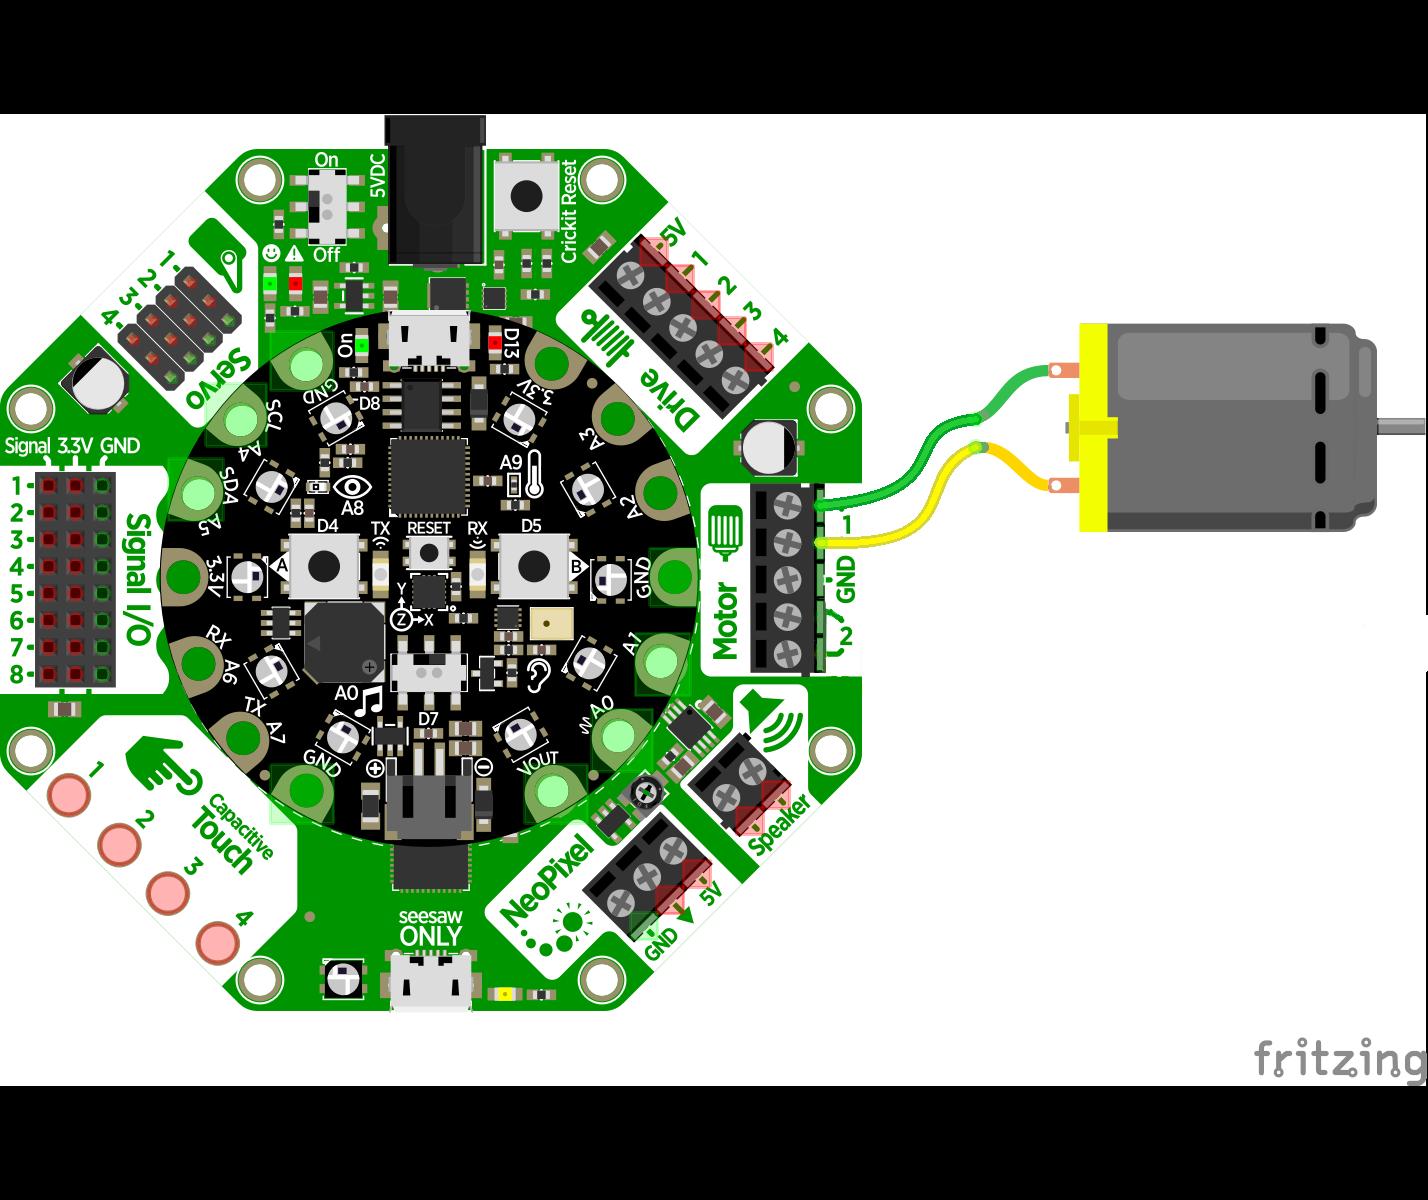 robotics___cnc_circuit_playground_dcmotor.png